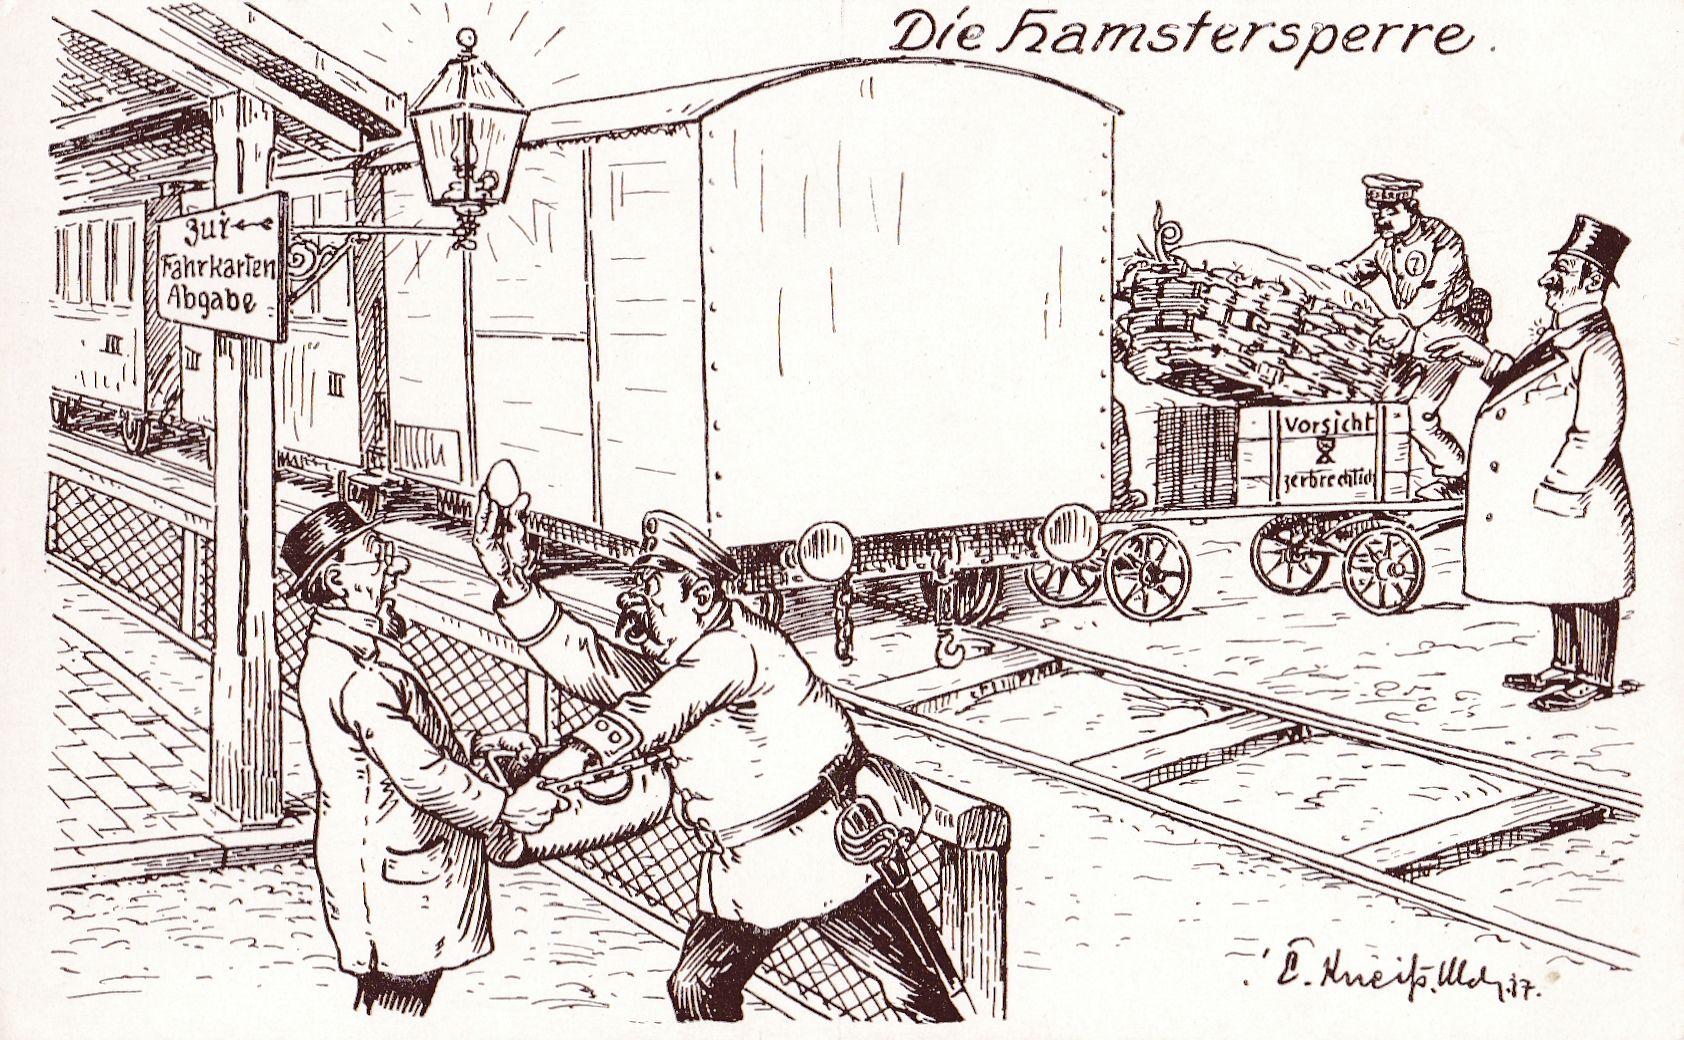 """In einer """"Vorsicht zerbrechlich!""""-Kiste wird ein Schwein versteckt; ein kleiner Hamsterer von einem Polizisten beschimpft."""